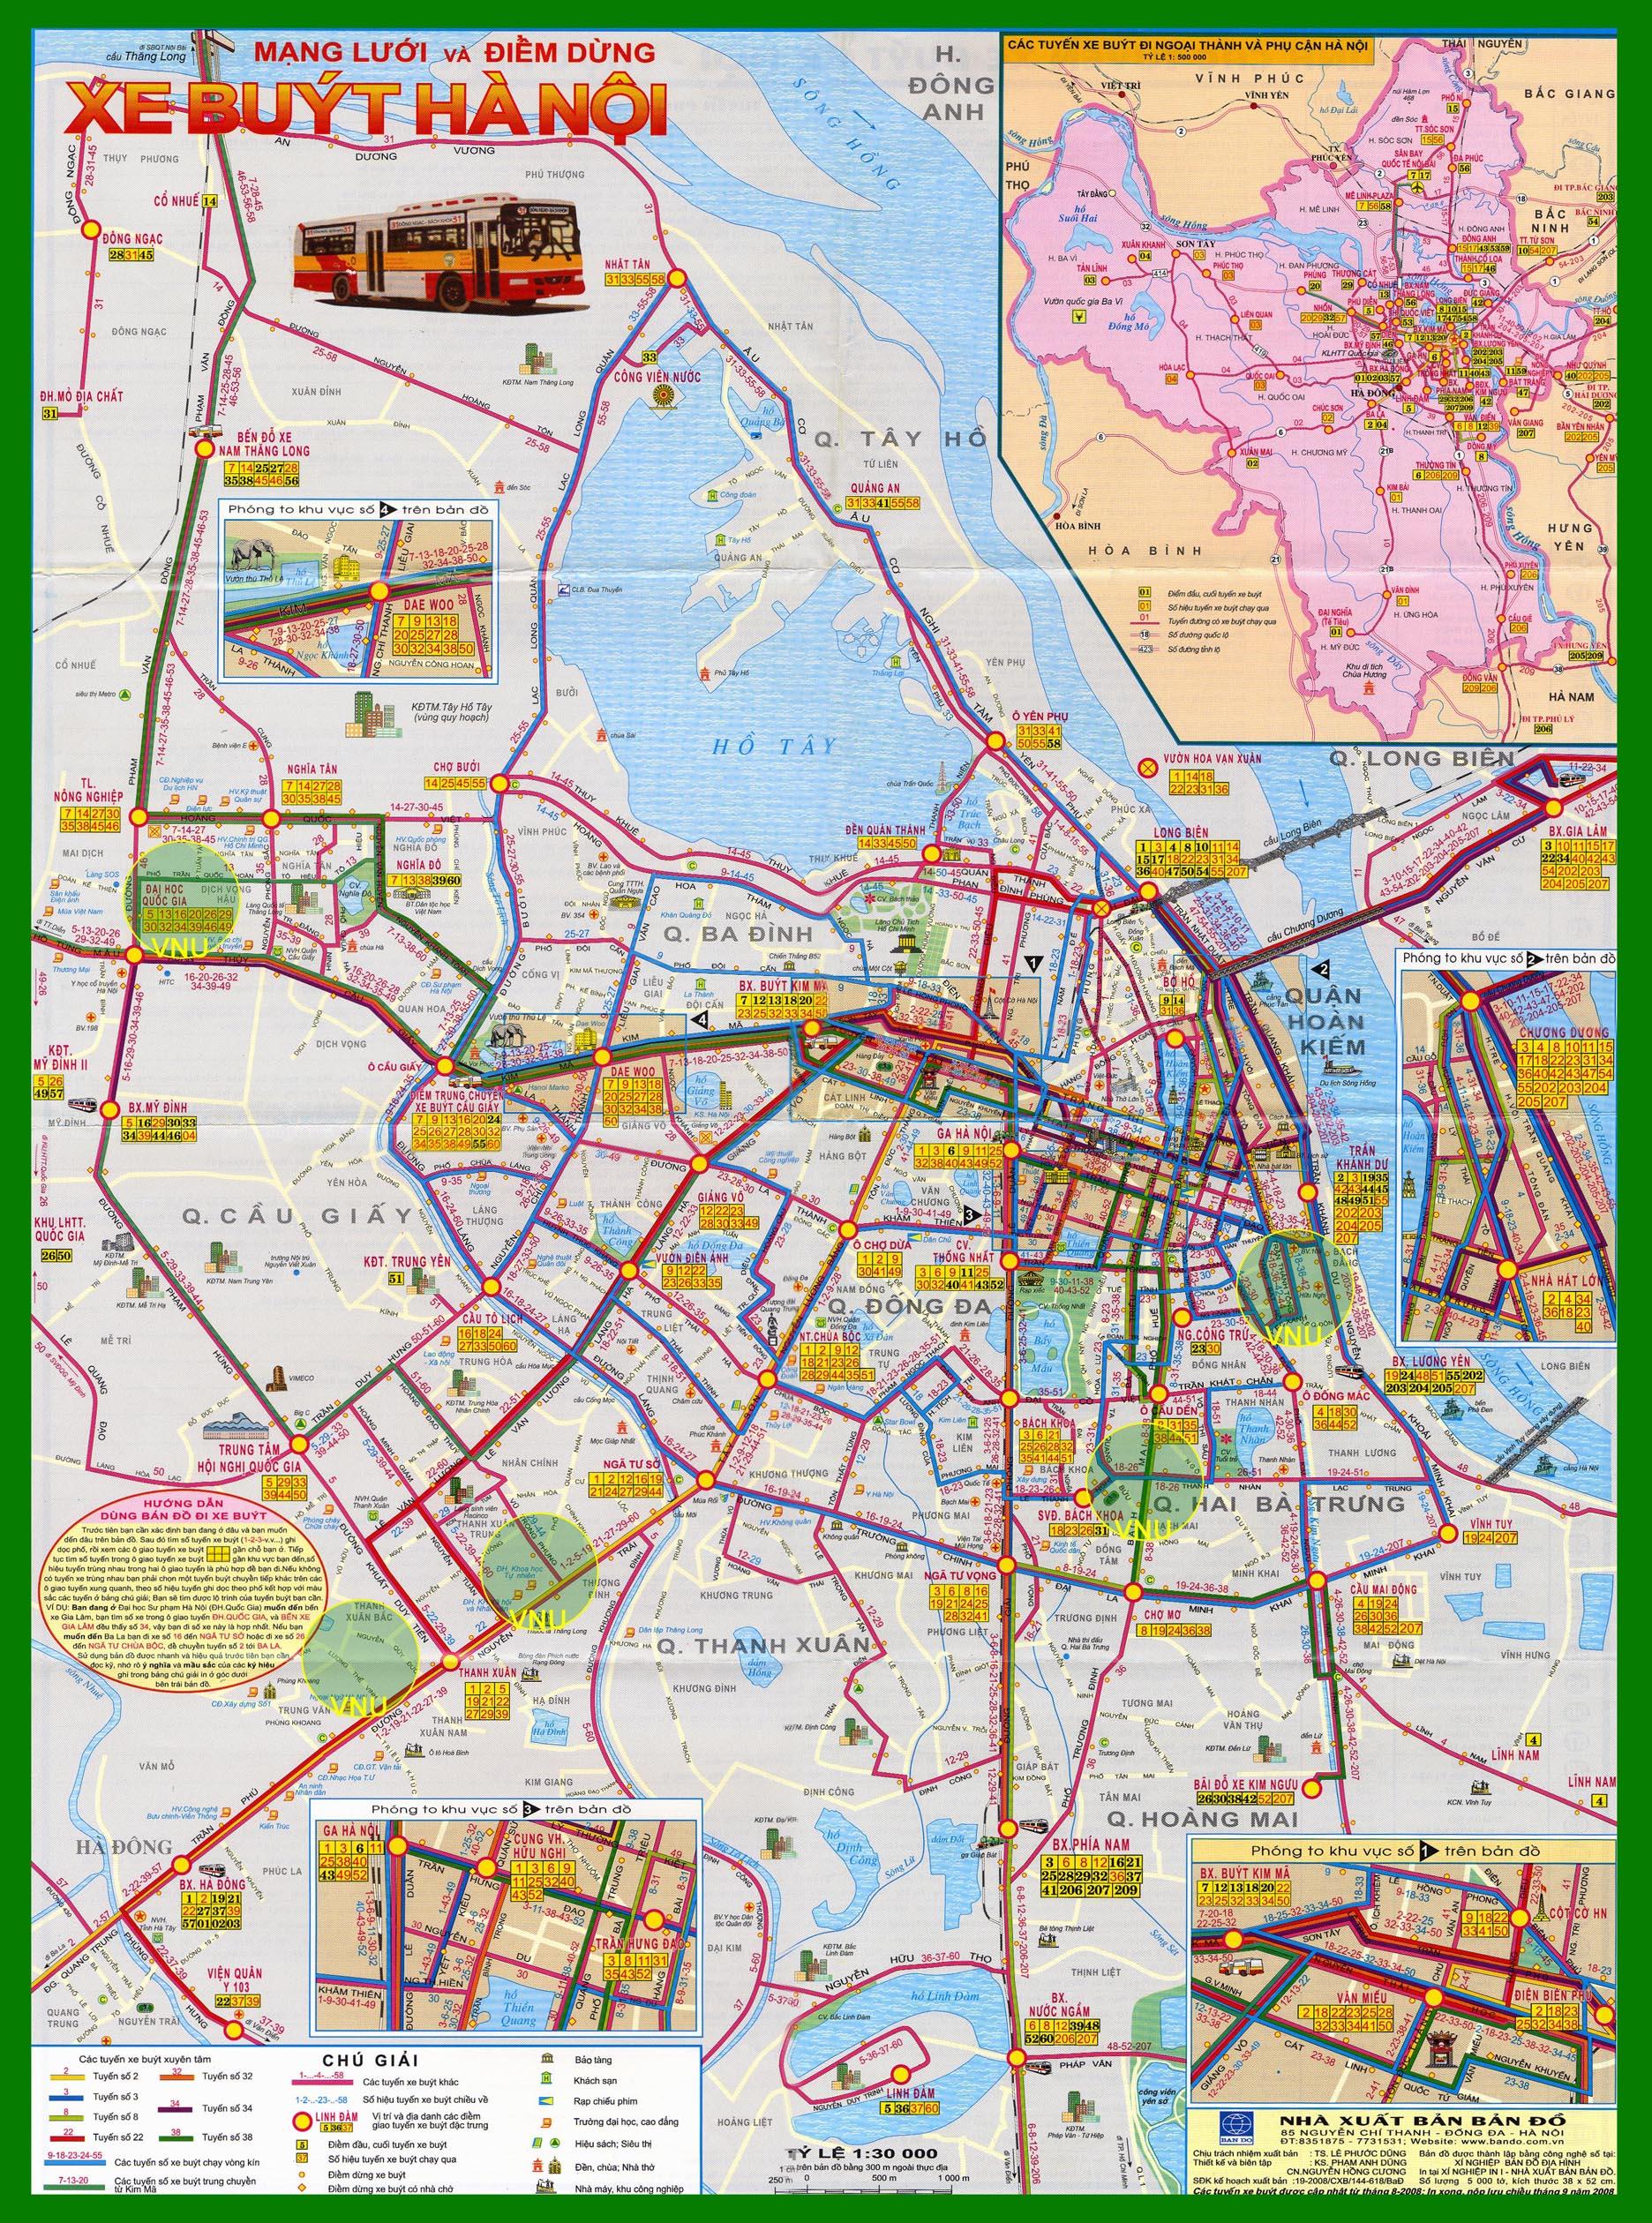 Bản đồ các tuyến xe buýt thành phố Hà Nội